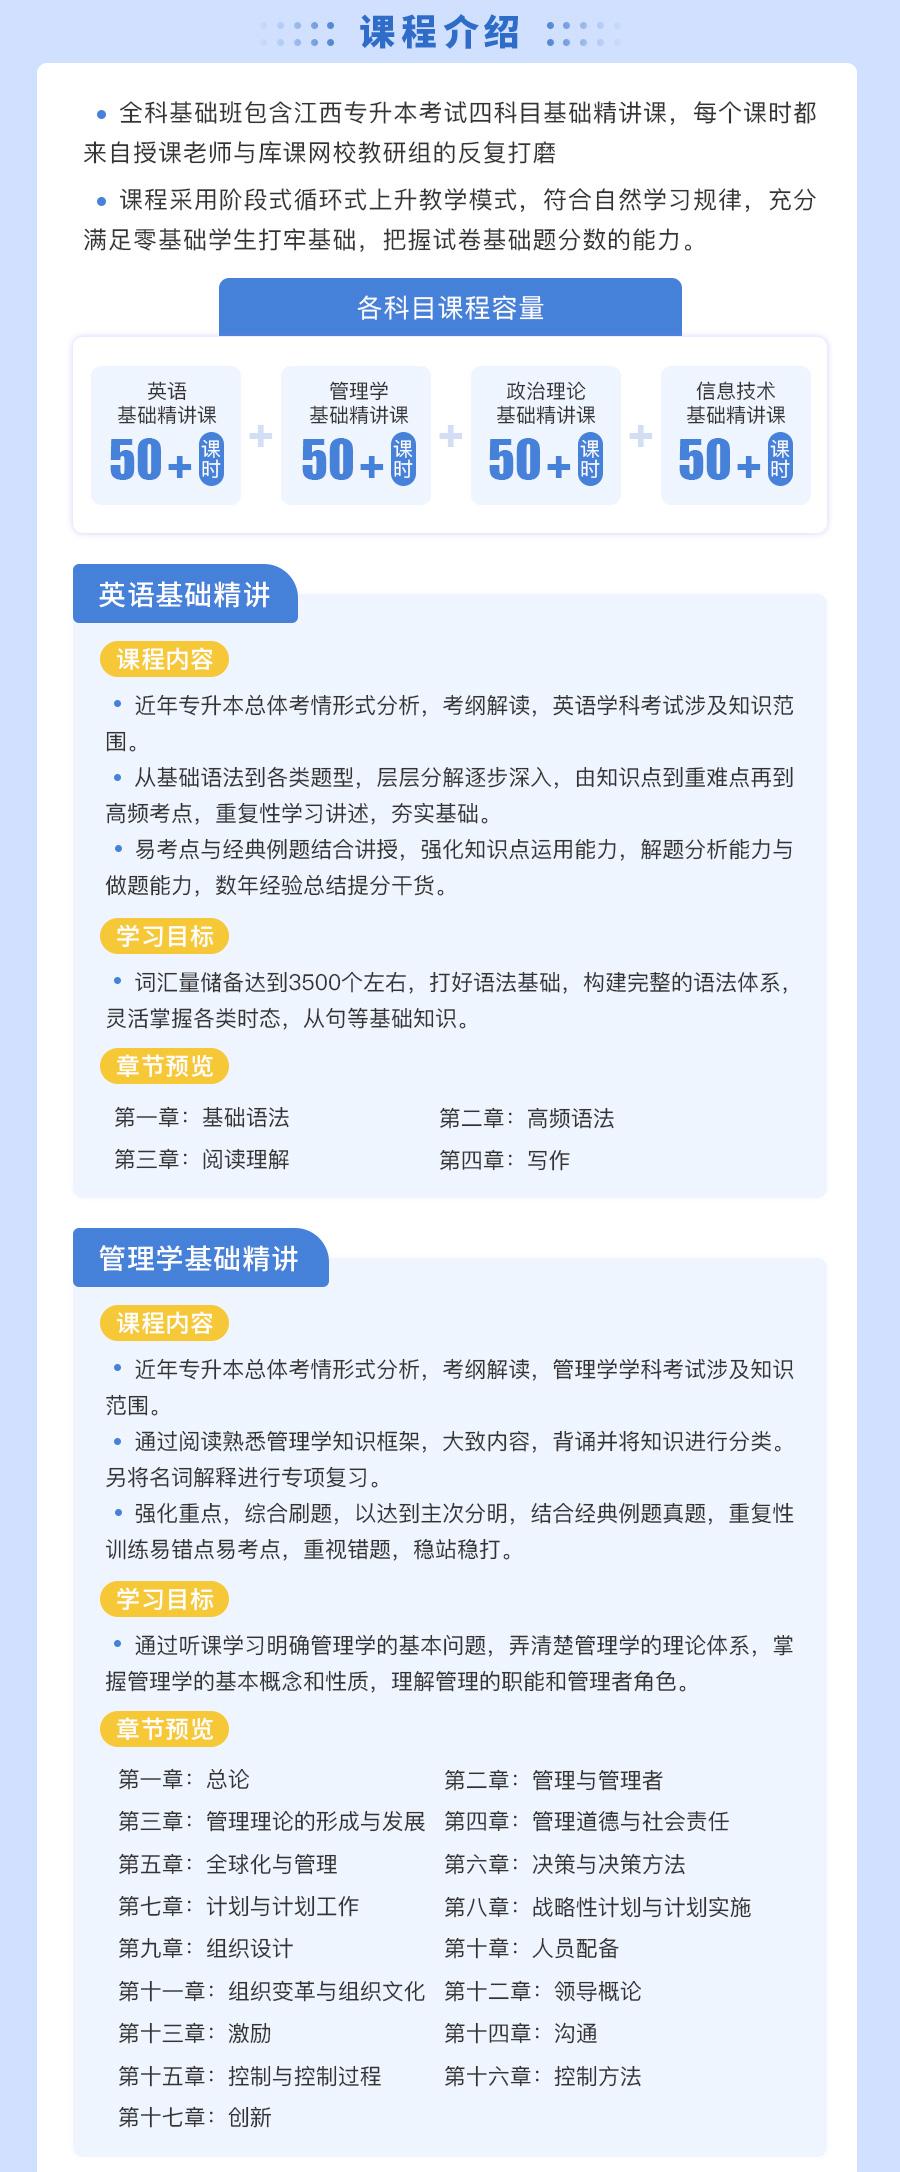 江西-全科-英语+管理学+政治理论+信息技术_02.jpg